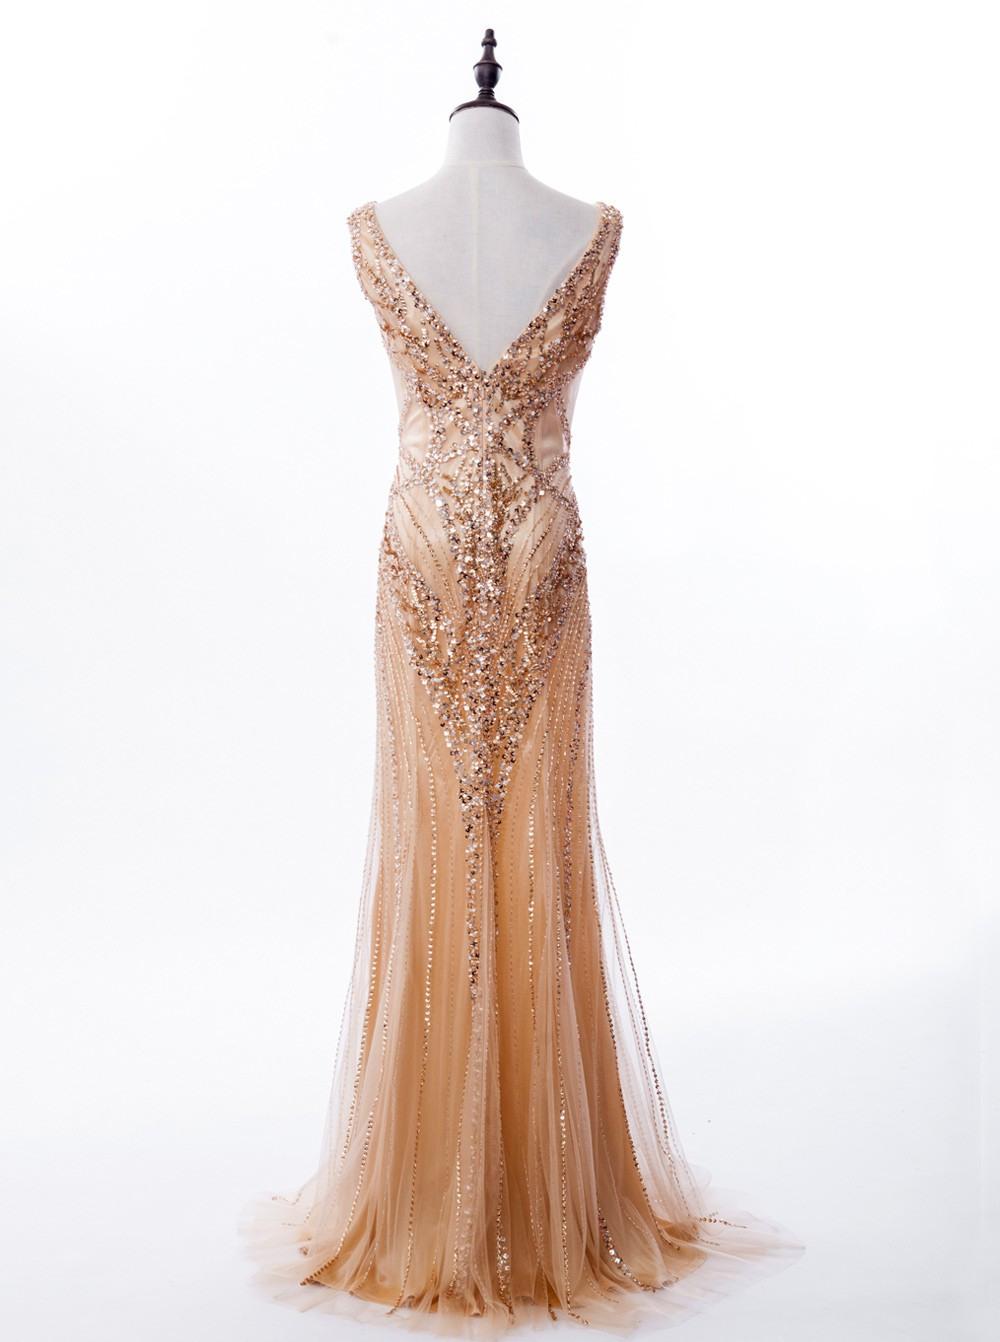 Elegant Satin Abend Kleid für 201917 Perfekt Satin Abend Kleid Spezialgebiet